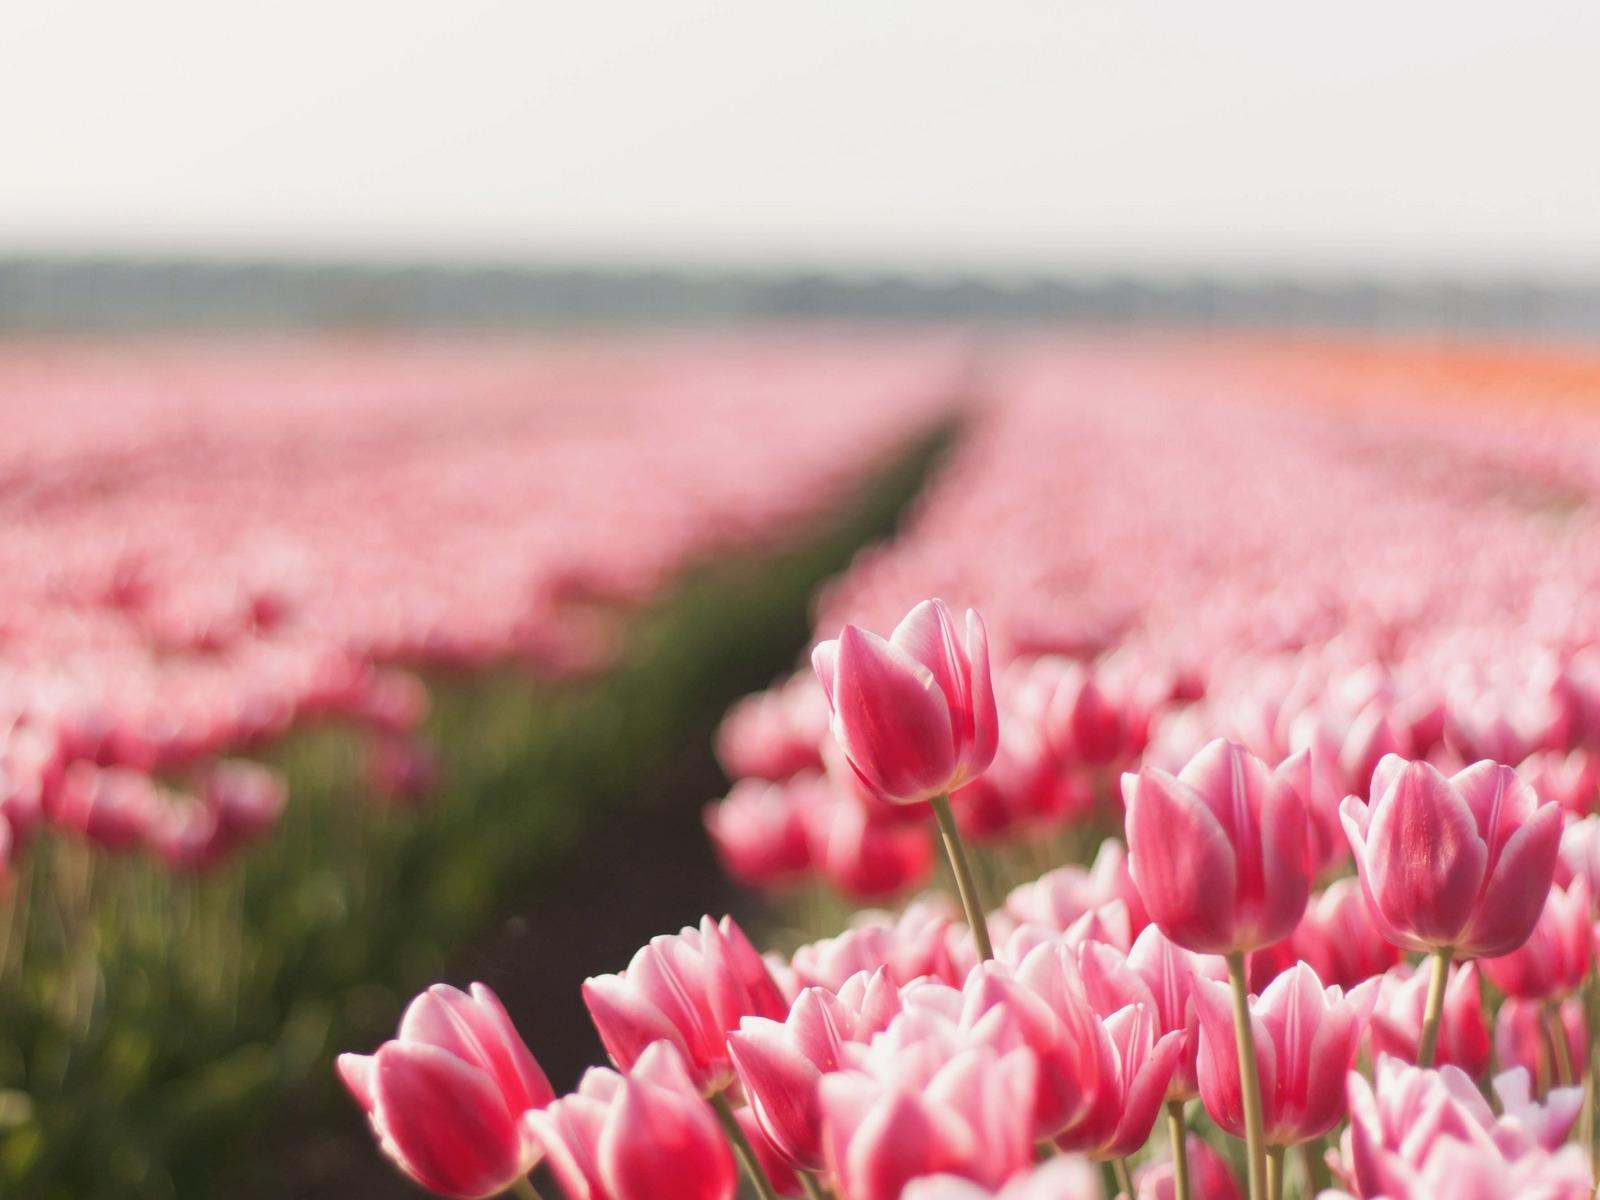 профессии красивые цветы в природе широкоформатное фото вкусно пожарить